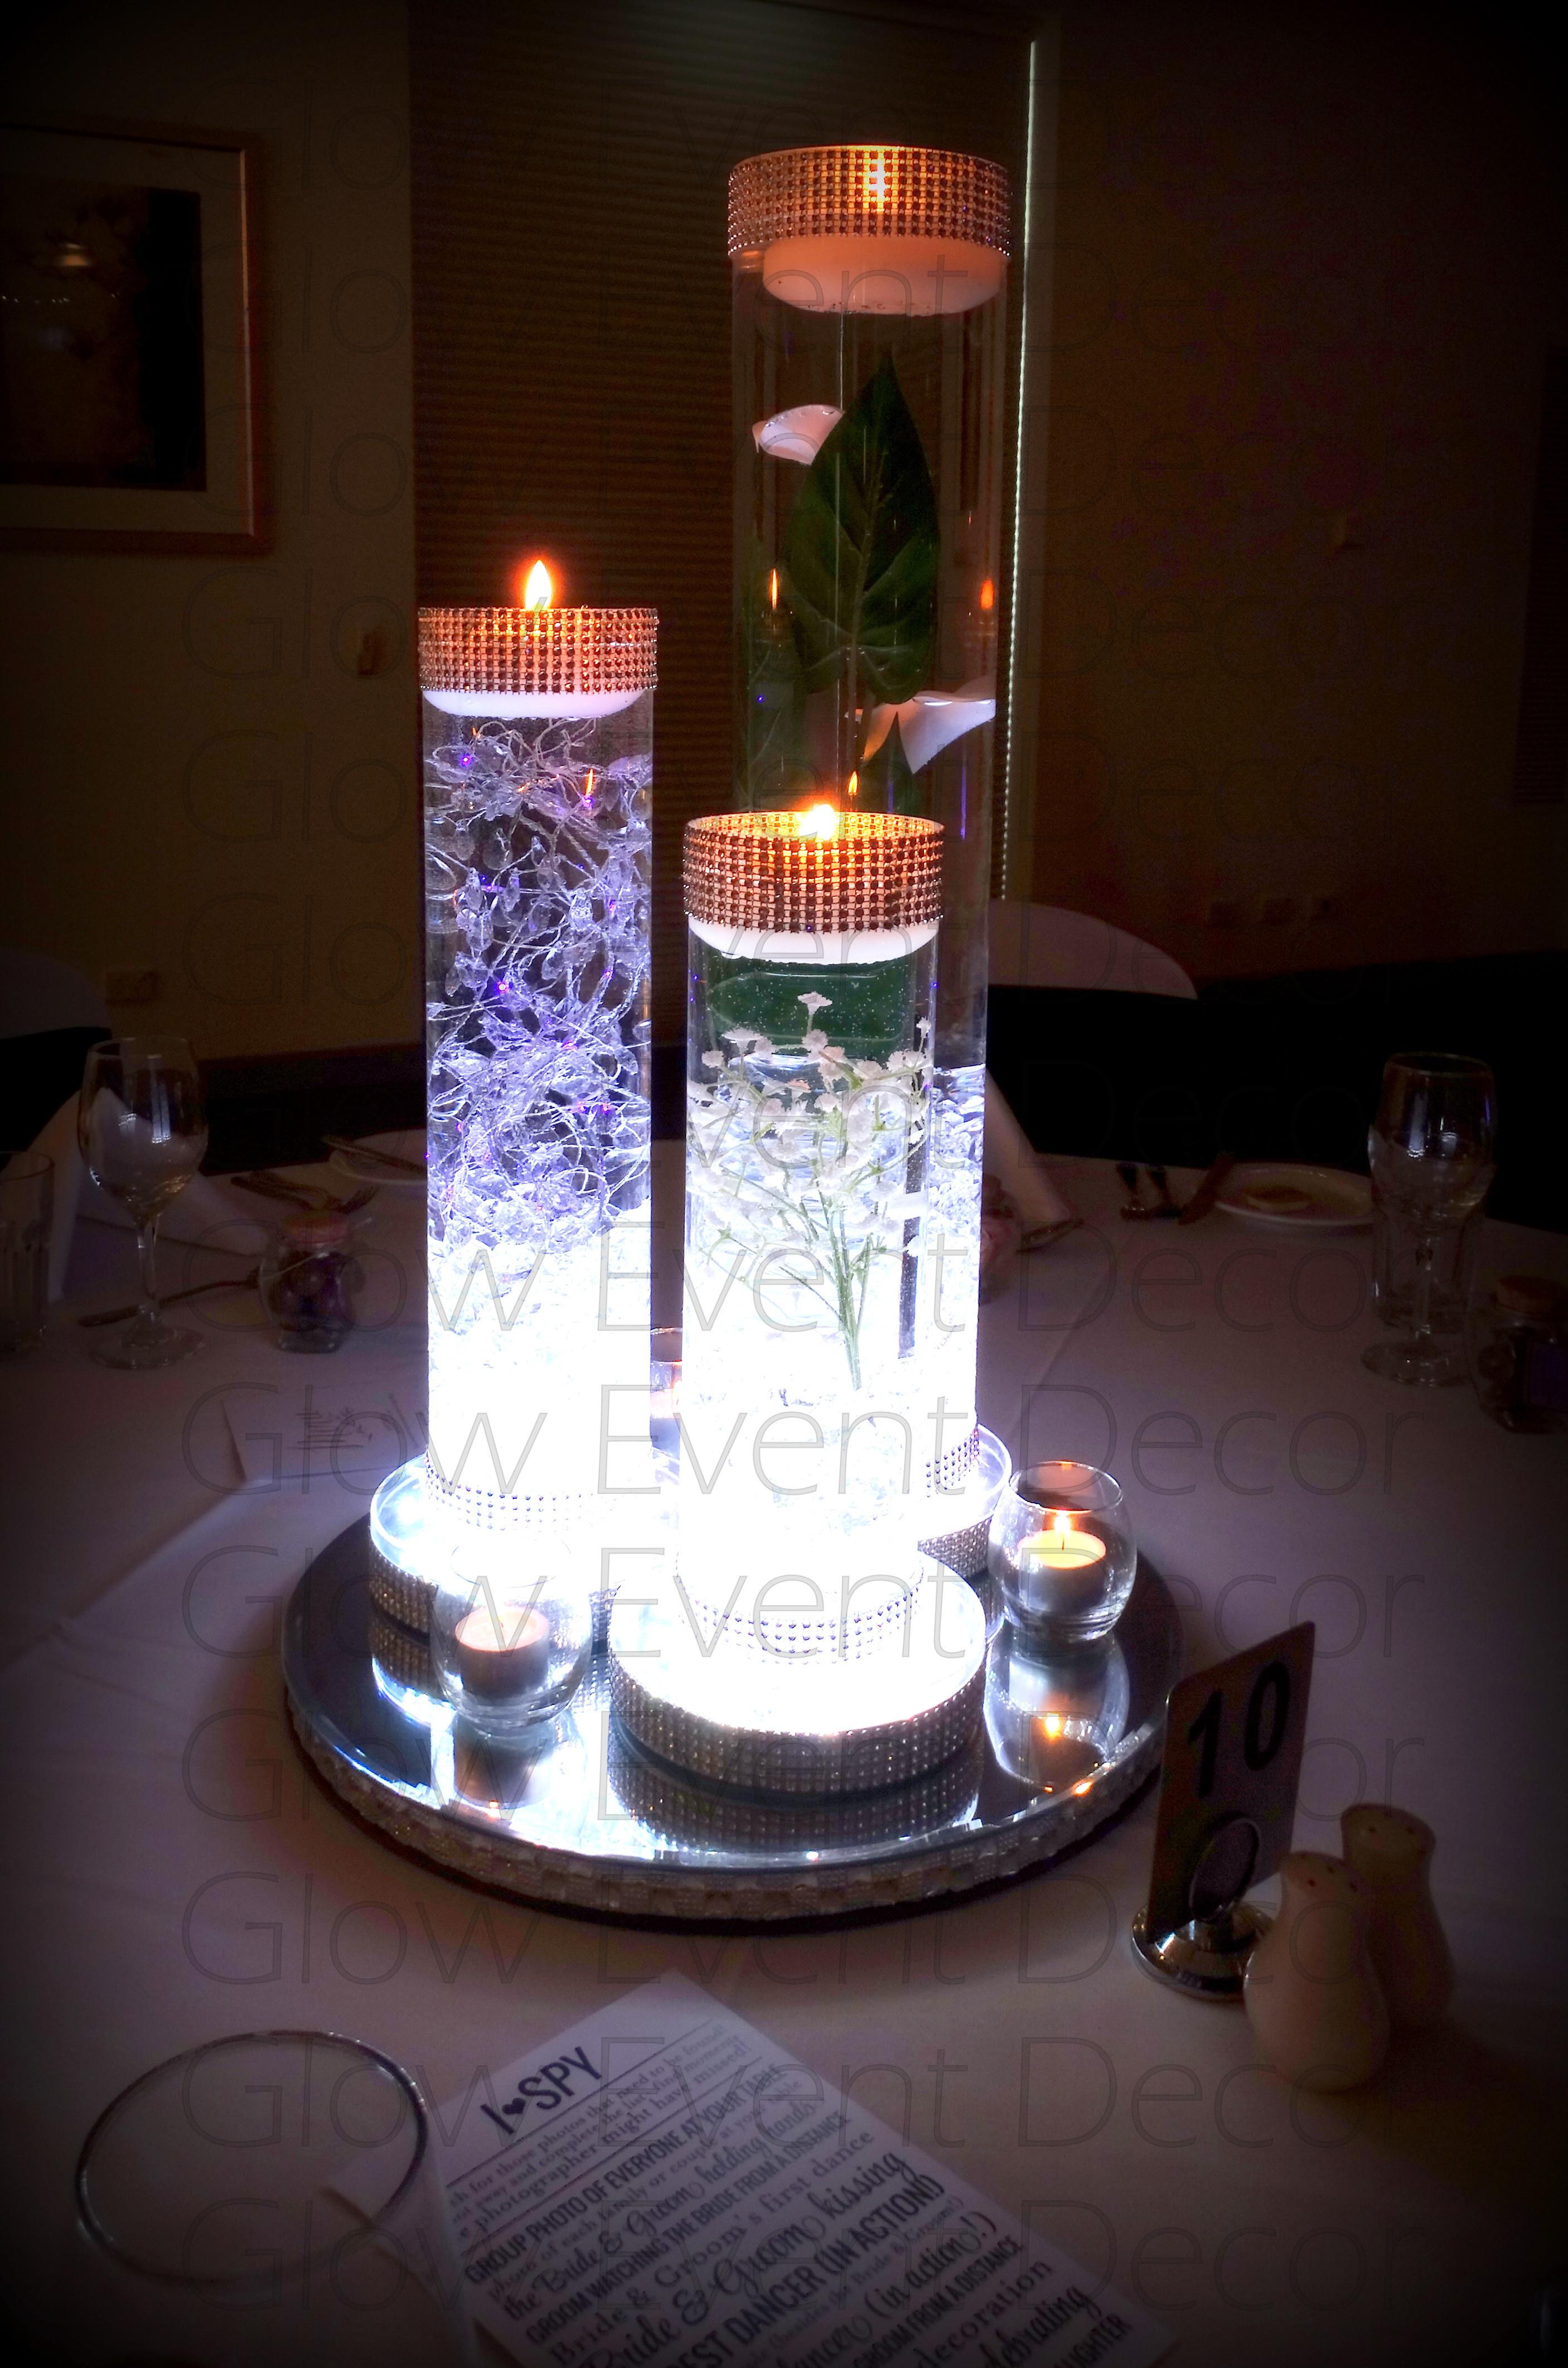 10 fish bowl vase of vase light base photos 2012 10 12 09 27 47h vases light up flower inside vase light base images led orchid cylinder vase of vase light base photos 2012 10 12